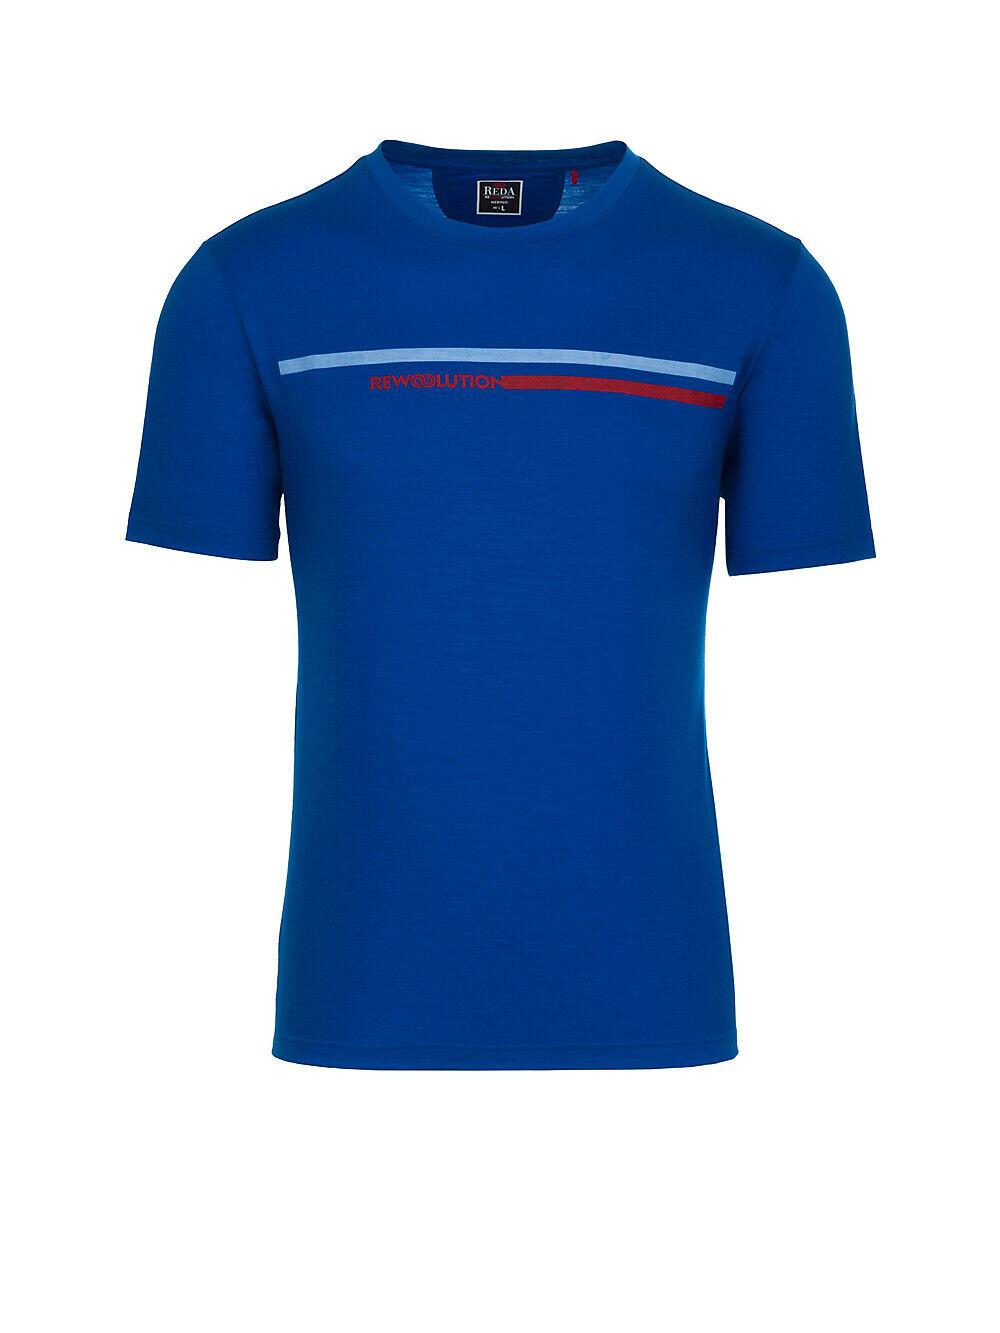 rotA Rewoolution - KORAL Man's Short Short Short Sleeve Printed T-Shirt - 140 g m² Merino  | Vorzügliche Verarbeitung  a1fe03